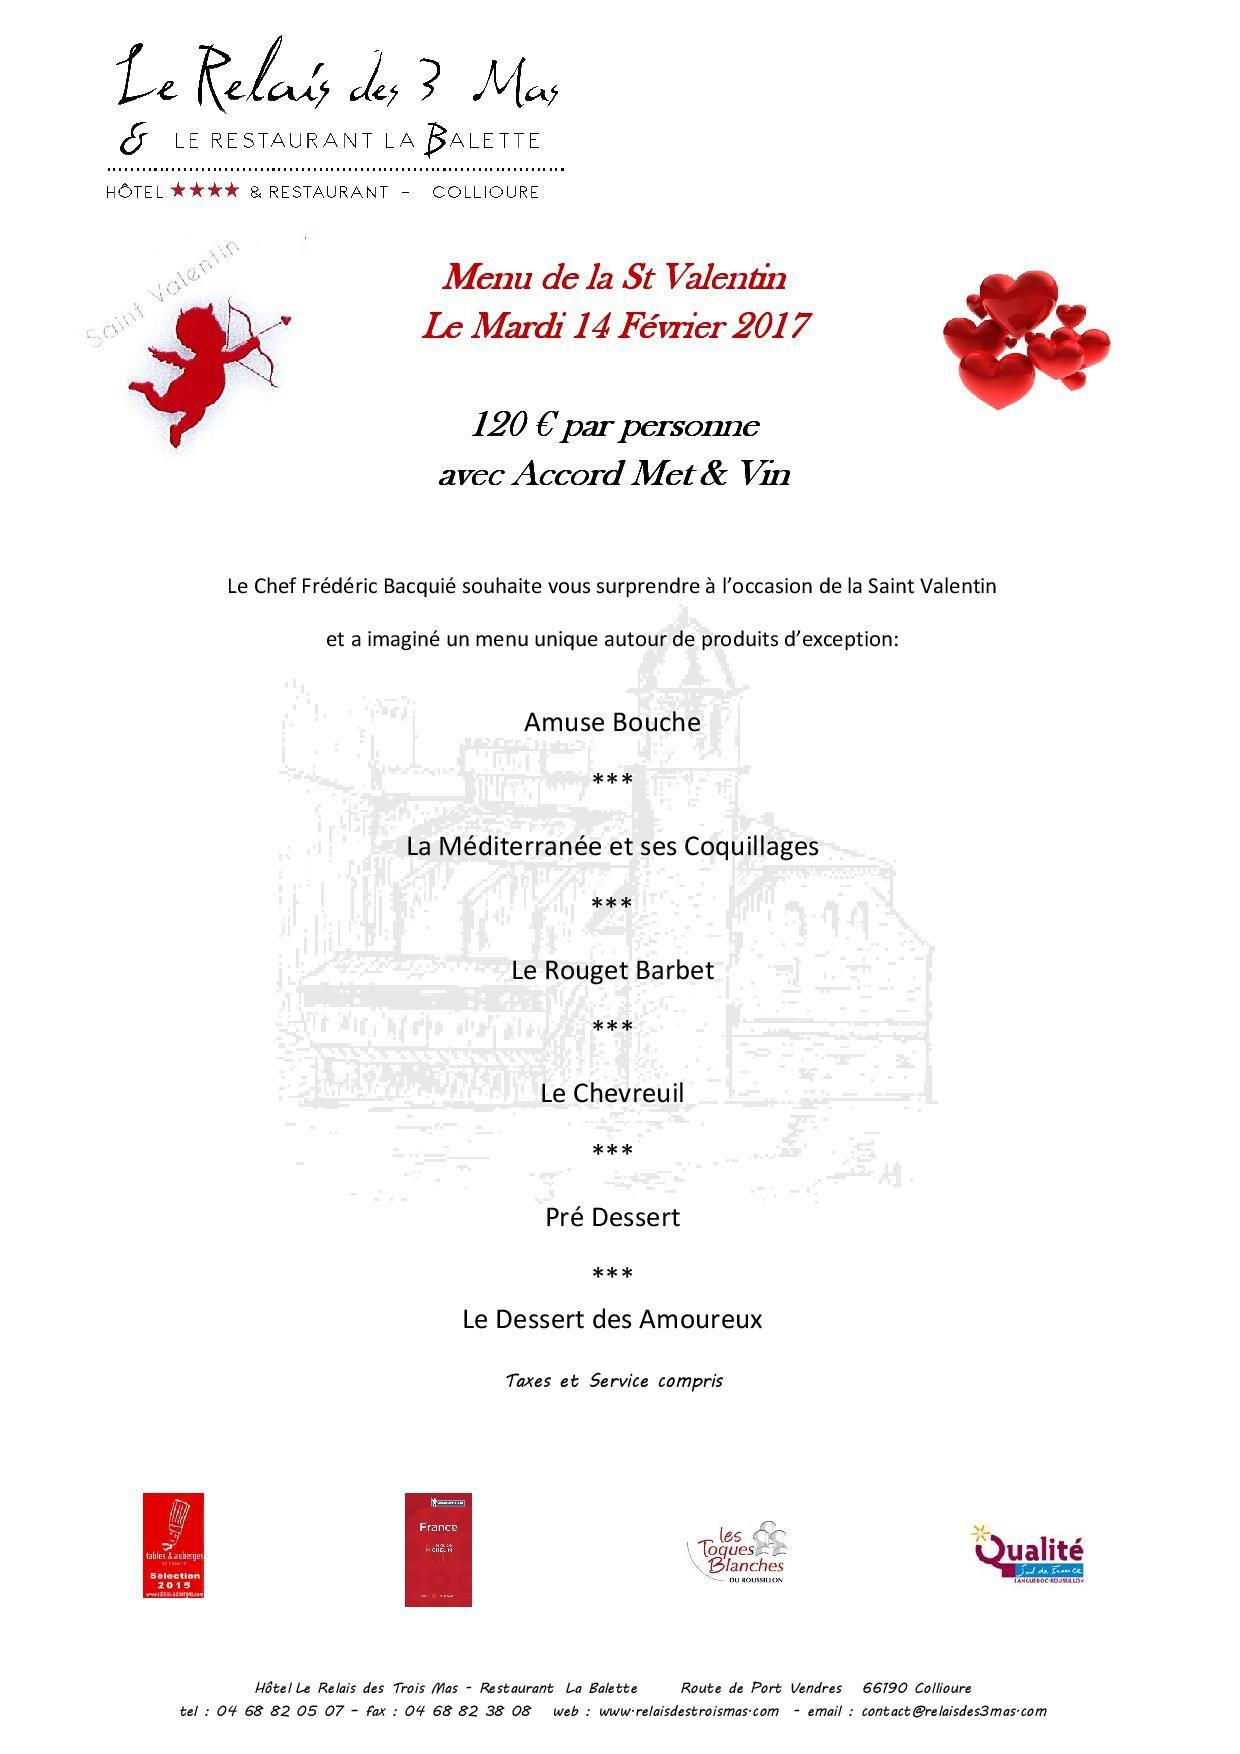 relais des trois mas restaurant la balette menu saint valentin occitania tourism pinterest. Black Bedroom Furniture Sets. Home Design Ideas